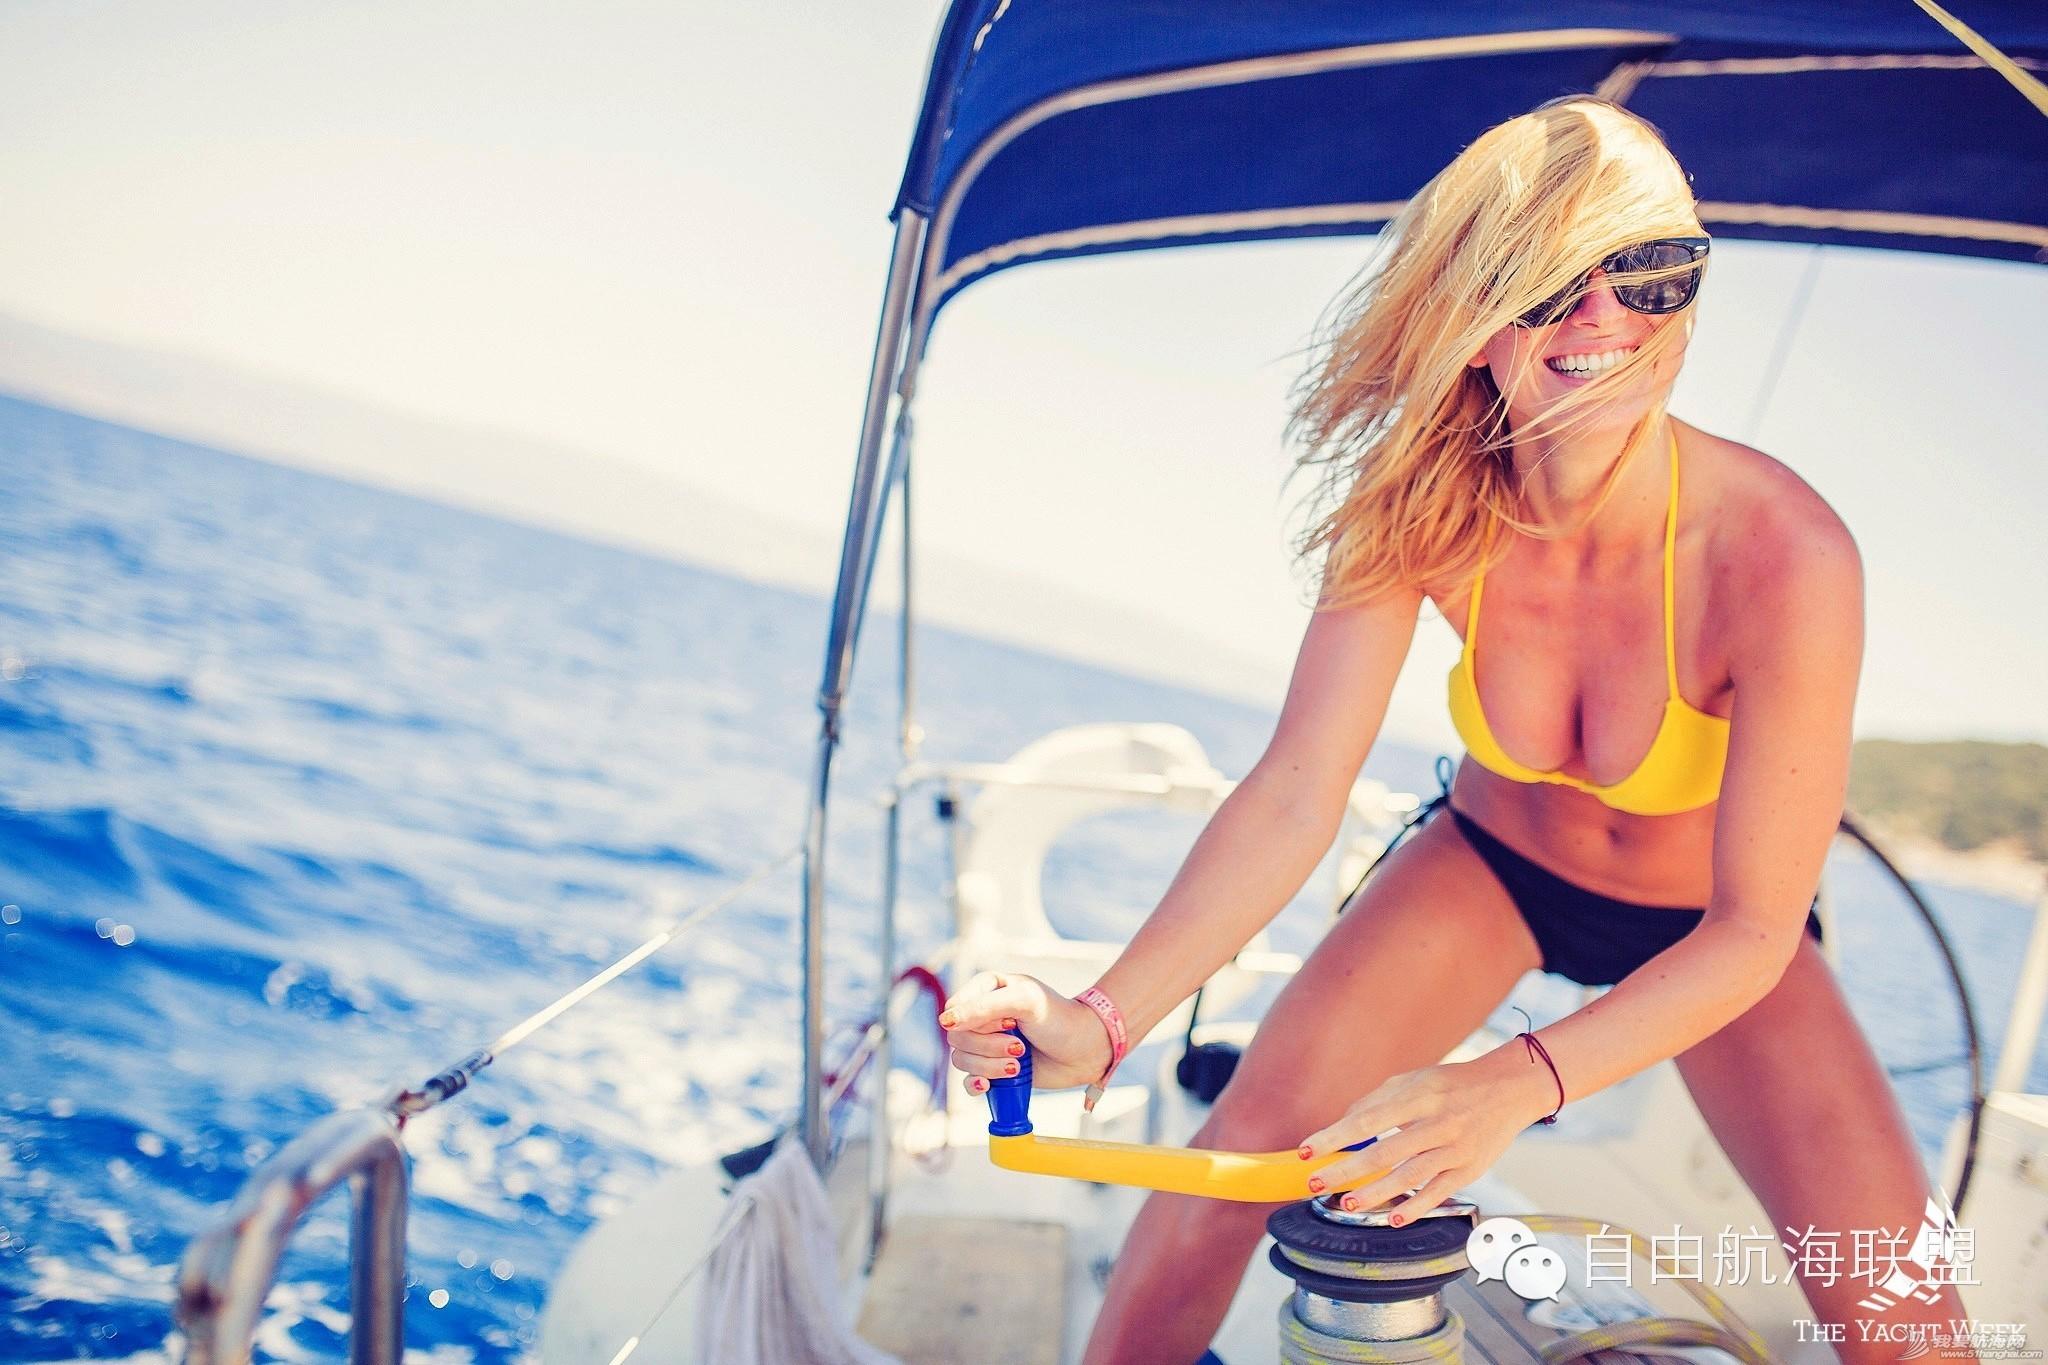 帆船,国际,海岛,驾照 绝美海岛帆旅and考取国际帆船驾照 2ab0a2ba1bddad9973dcad36ccf83128.jpg